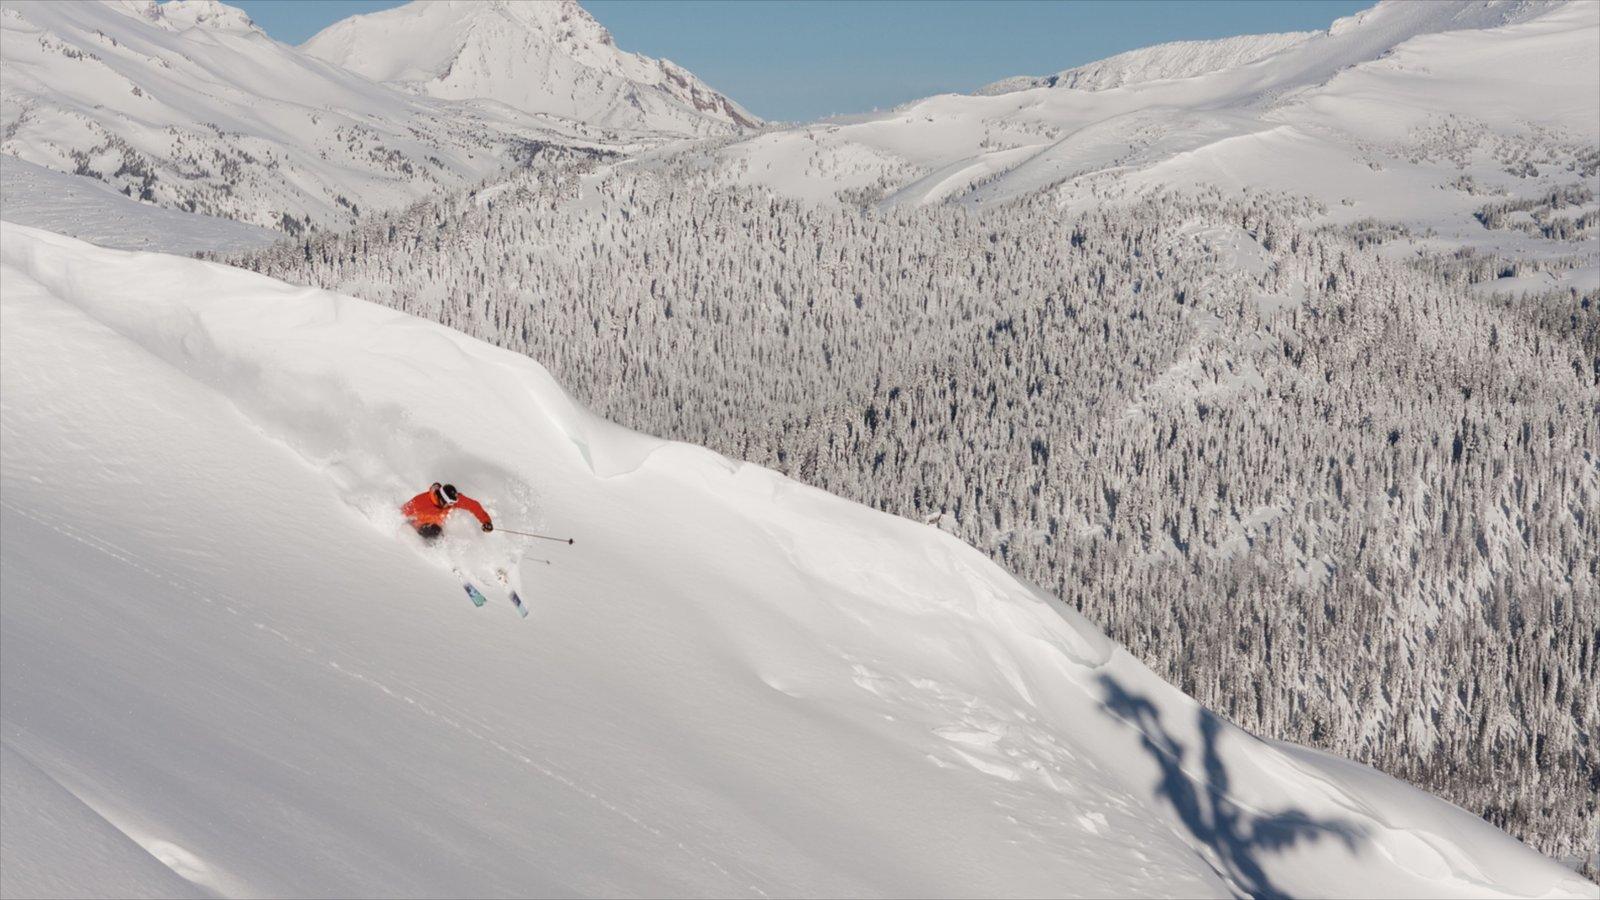 Mt Bachelor Ski Resort mostrando montañas, nieve y esquiar en la nieve